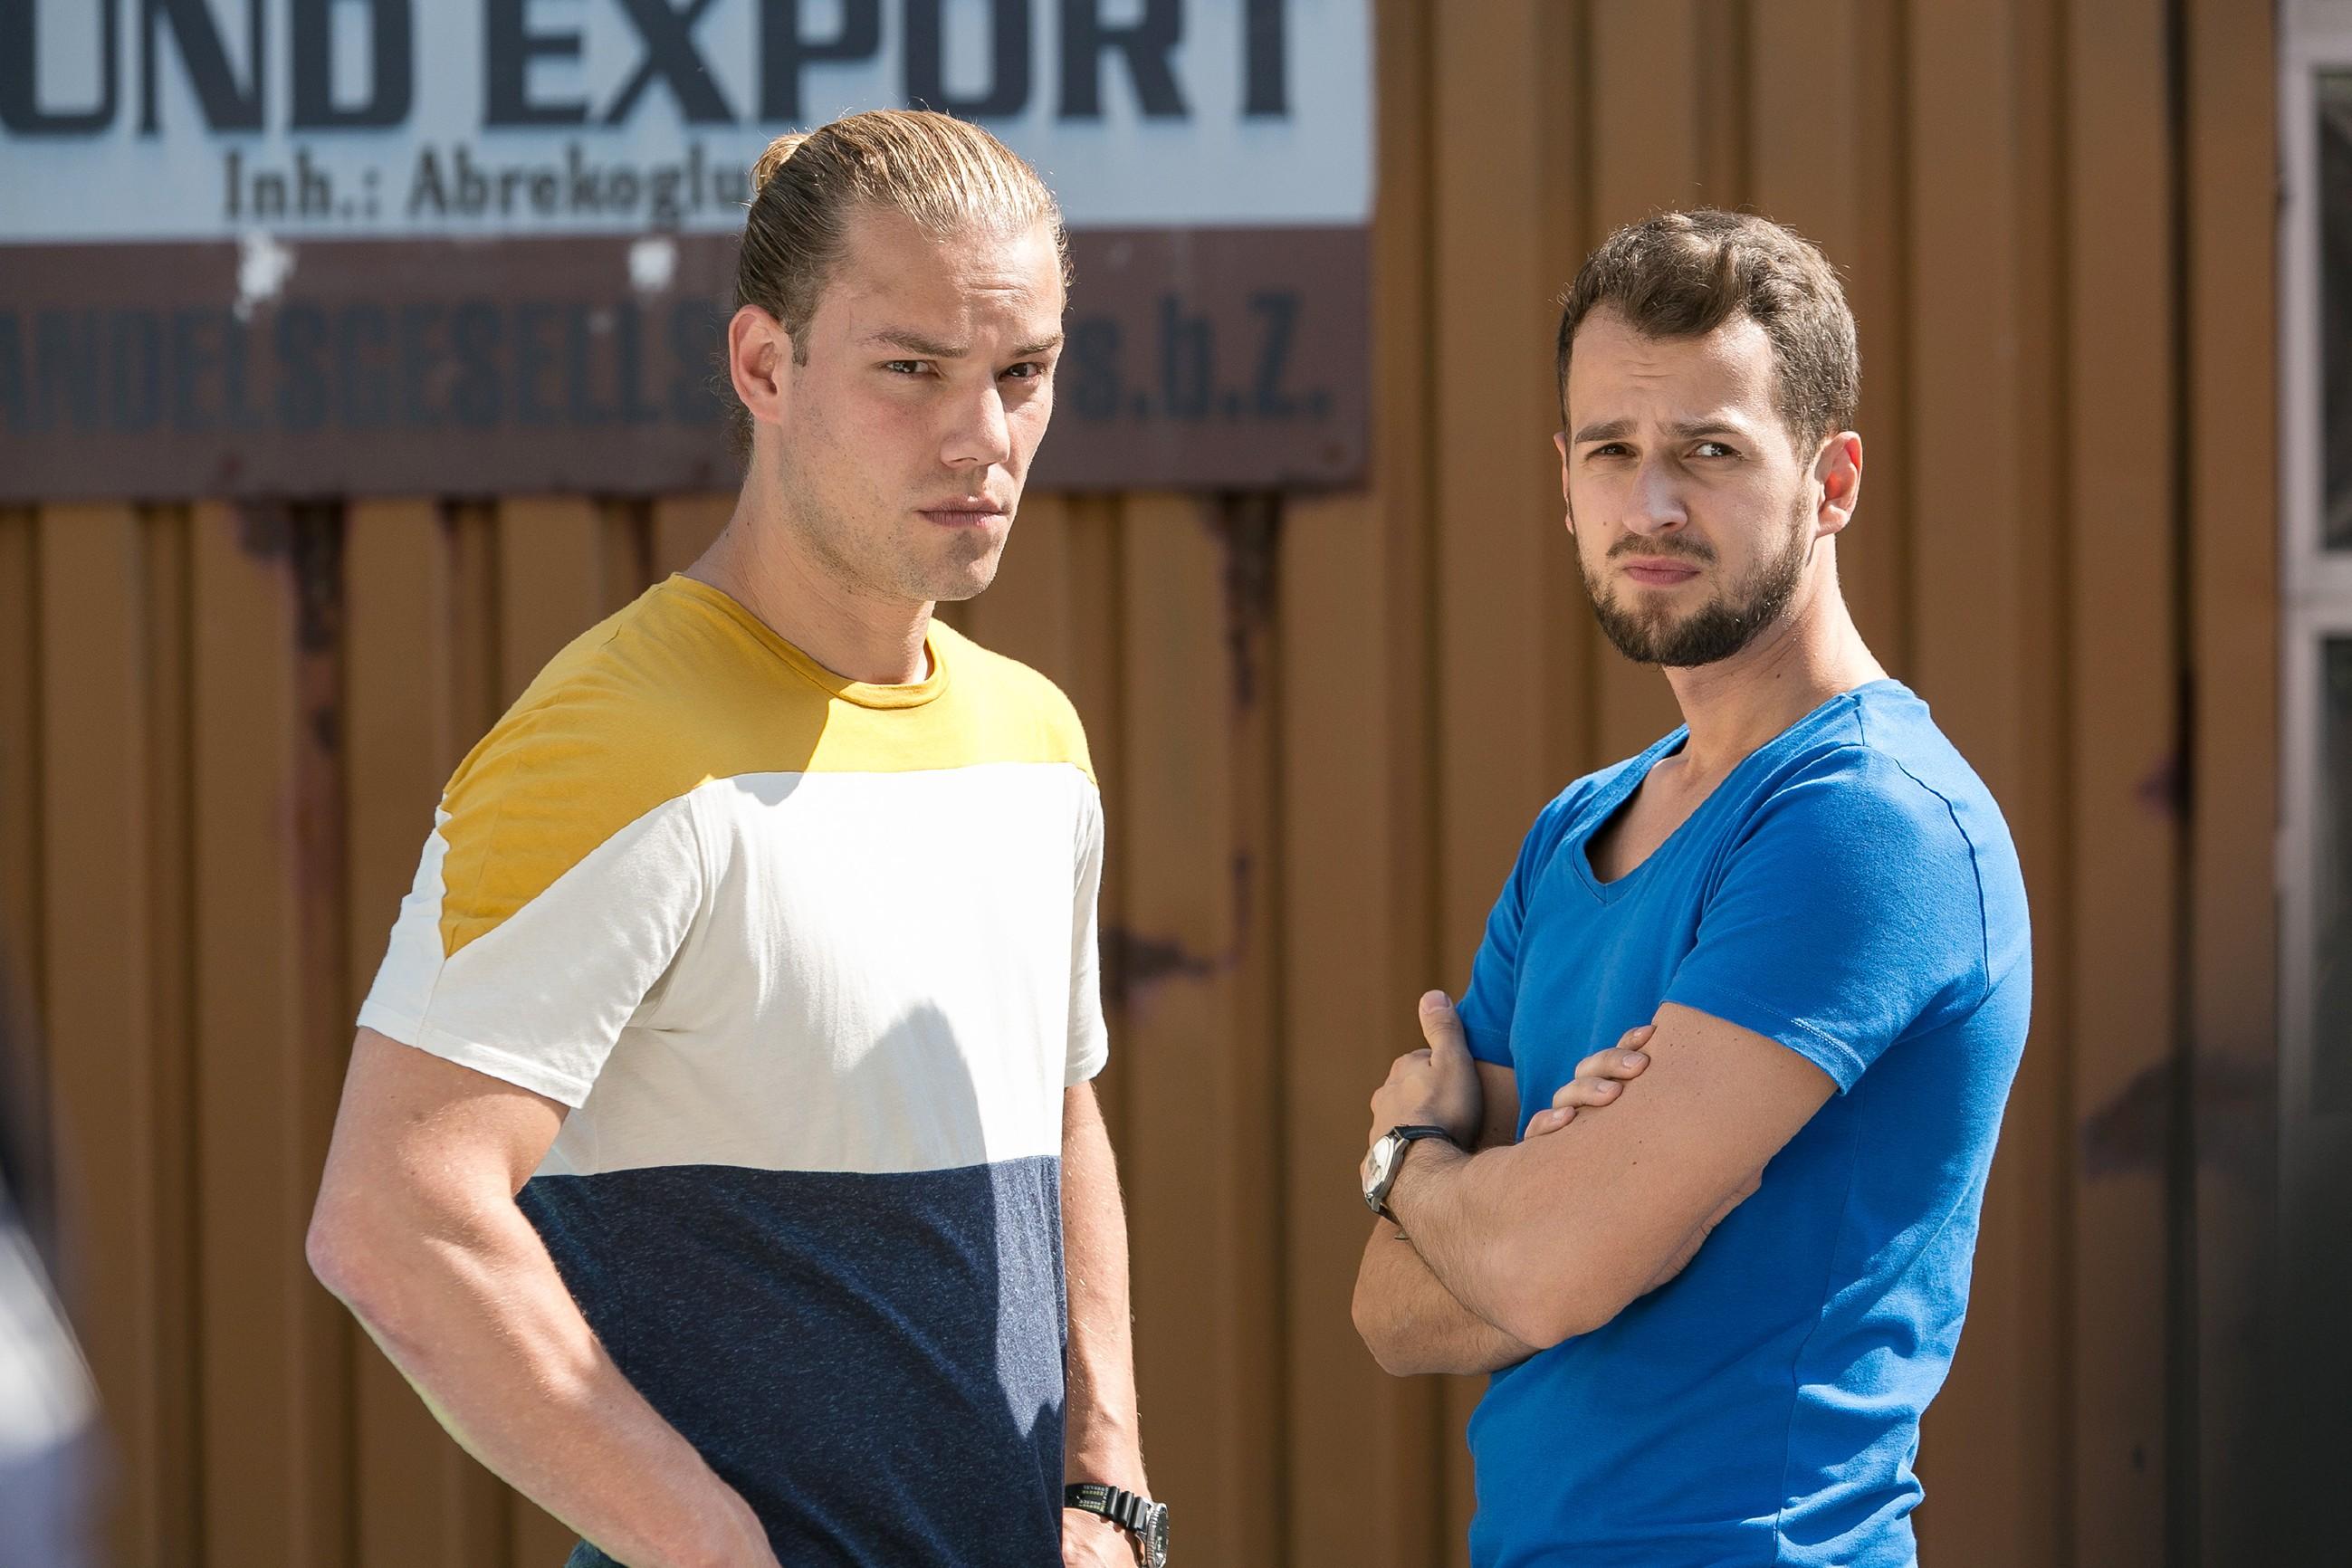 Leo (Julian Bayer, l.) und Tobi (Michael Jassin) schauen zu, wie Marian, nachdem er absichtlich vor Leos Auto gesprungen ist, mit dem Krankenwagen abtransportiert wird. (Quelle: RTL / Kai Schulz)